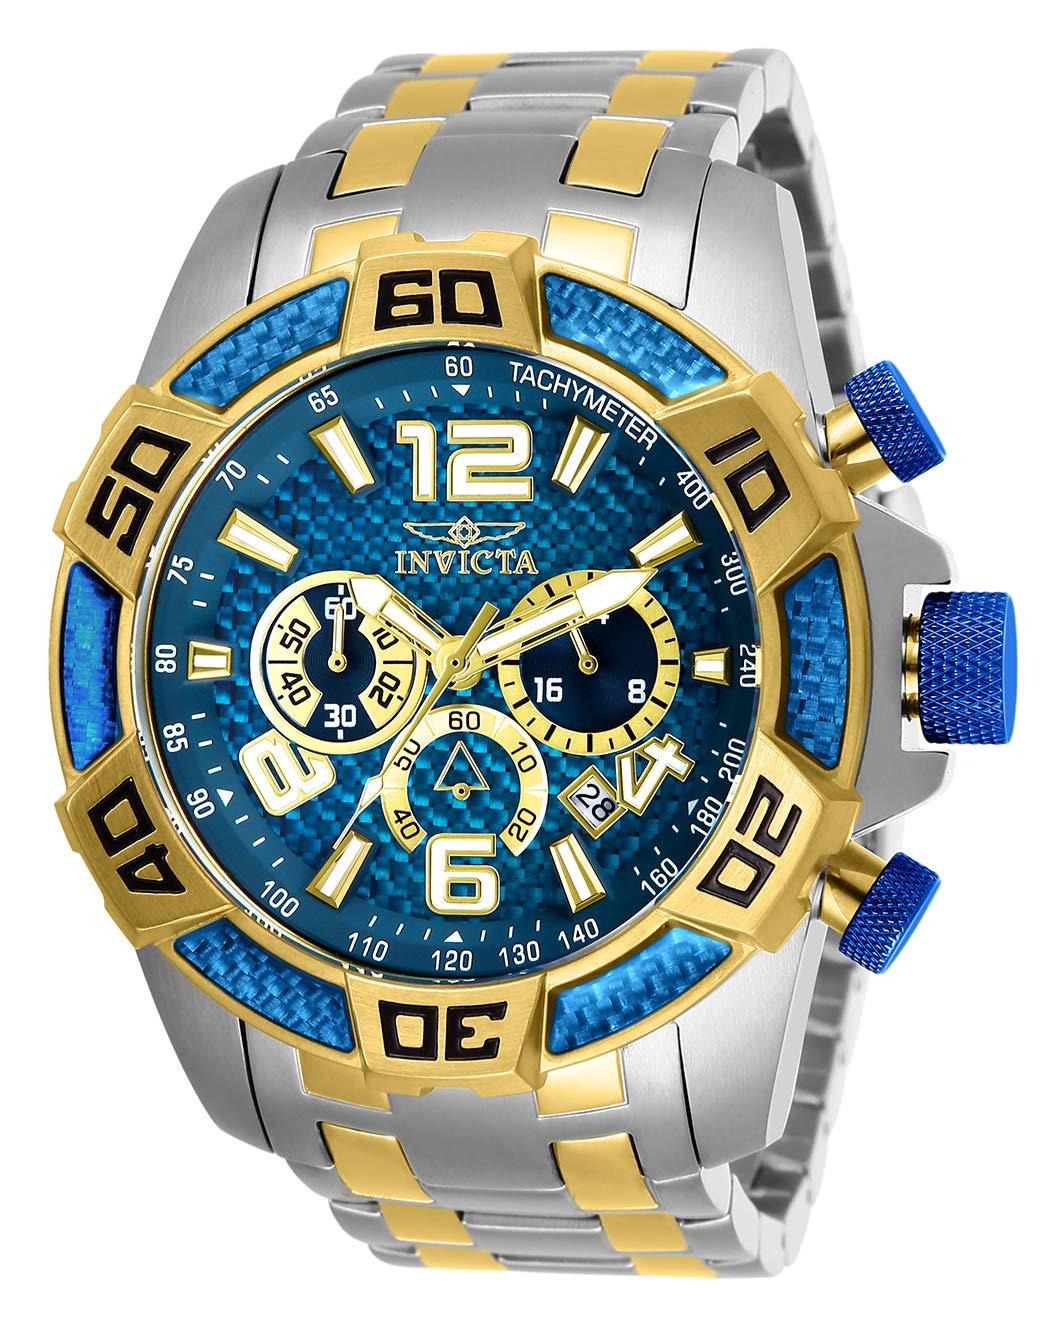 Invicta 25855 Pro Diver SCUBA Reloj para Hombre acero inoxidable Cuarzo